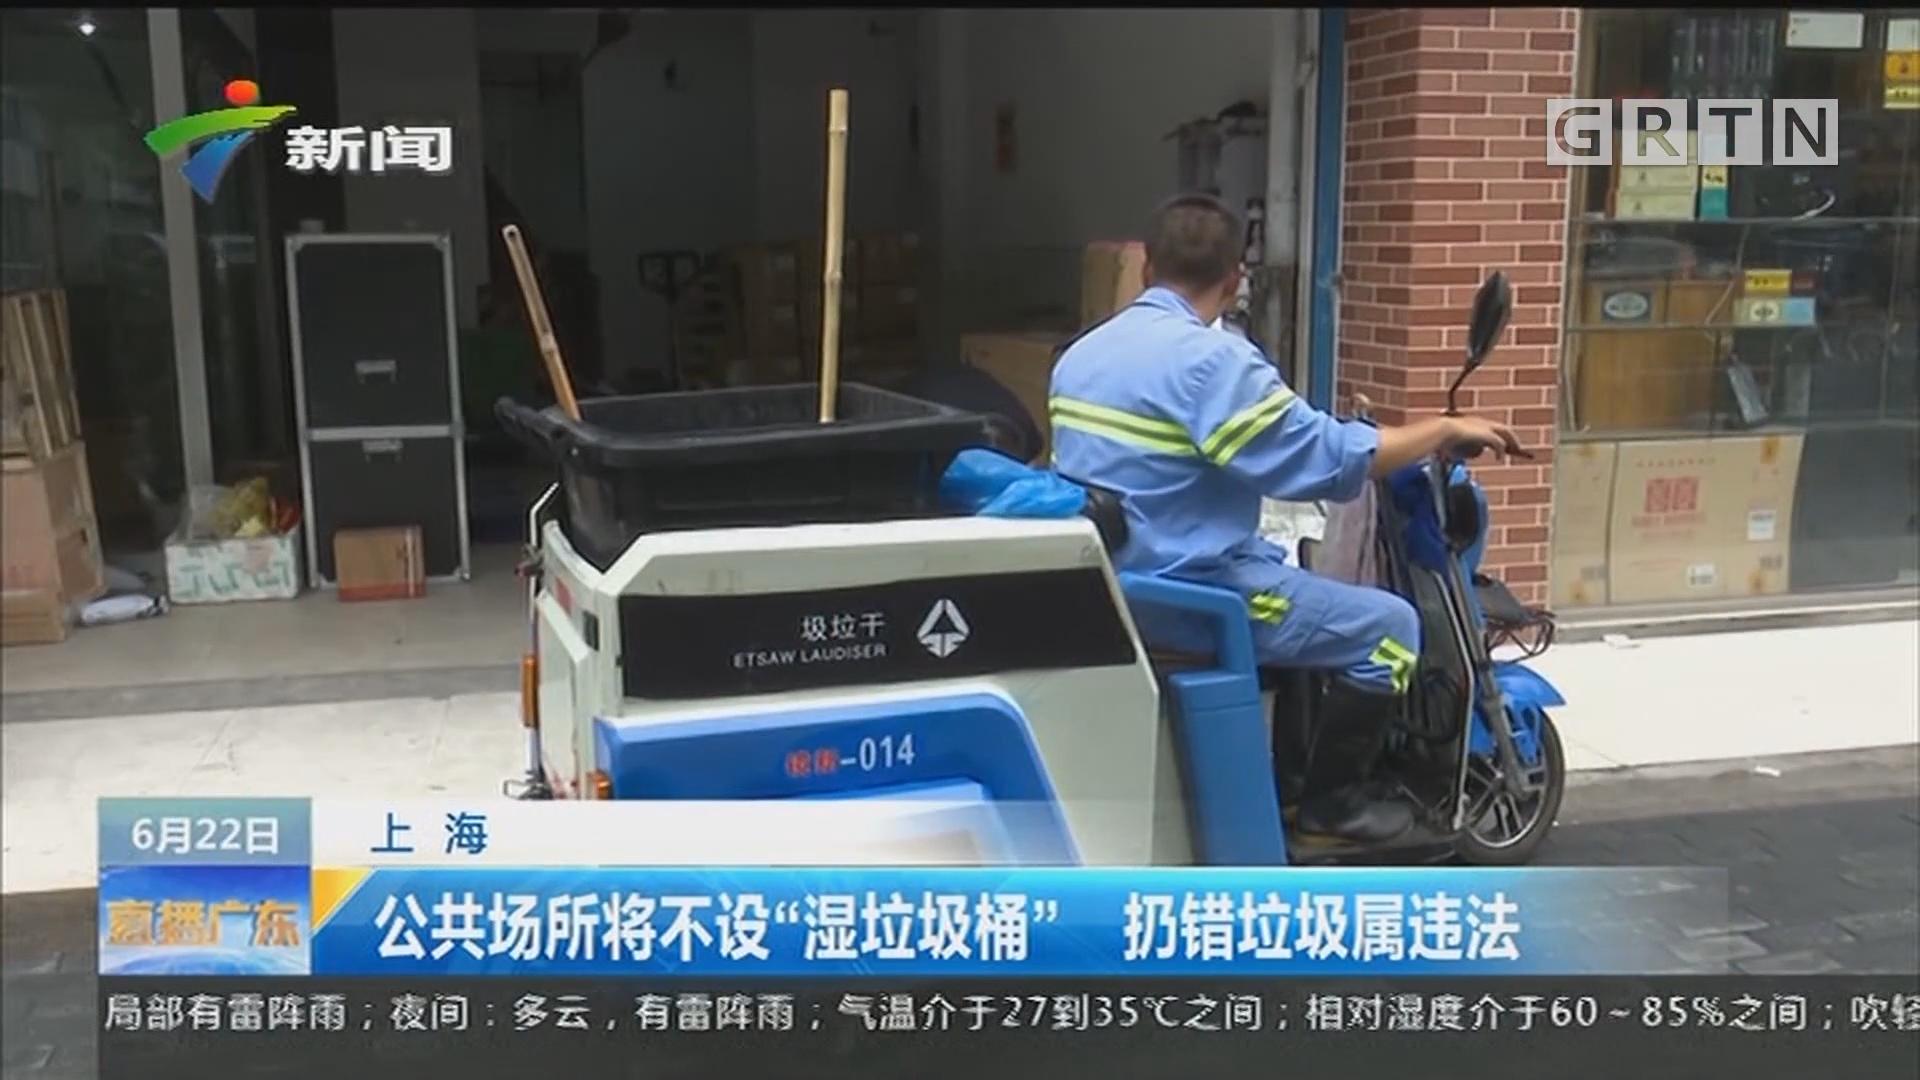 """上海:公共场所将不设""""湿垃圾桶"""" 扔错垃圾属违法"""